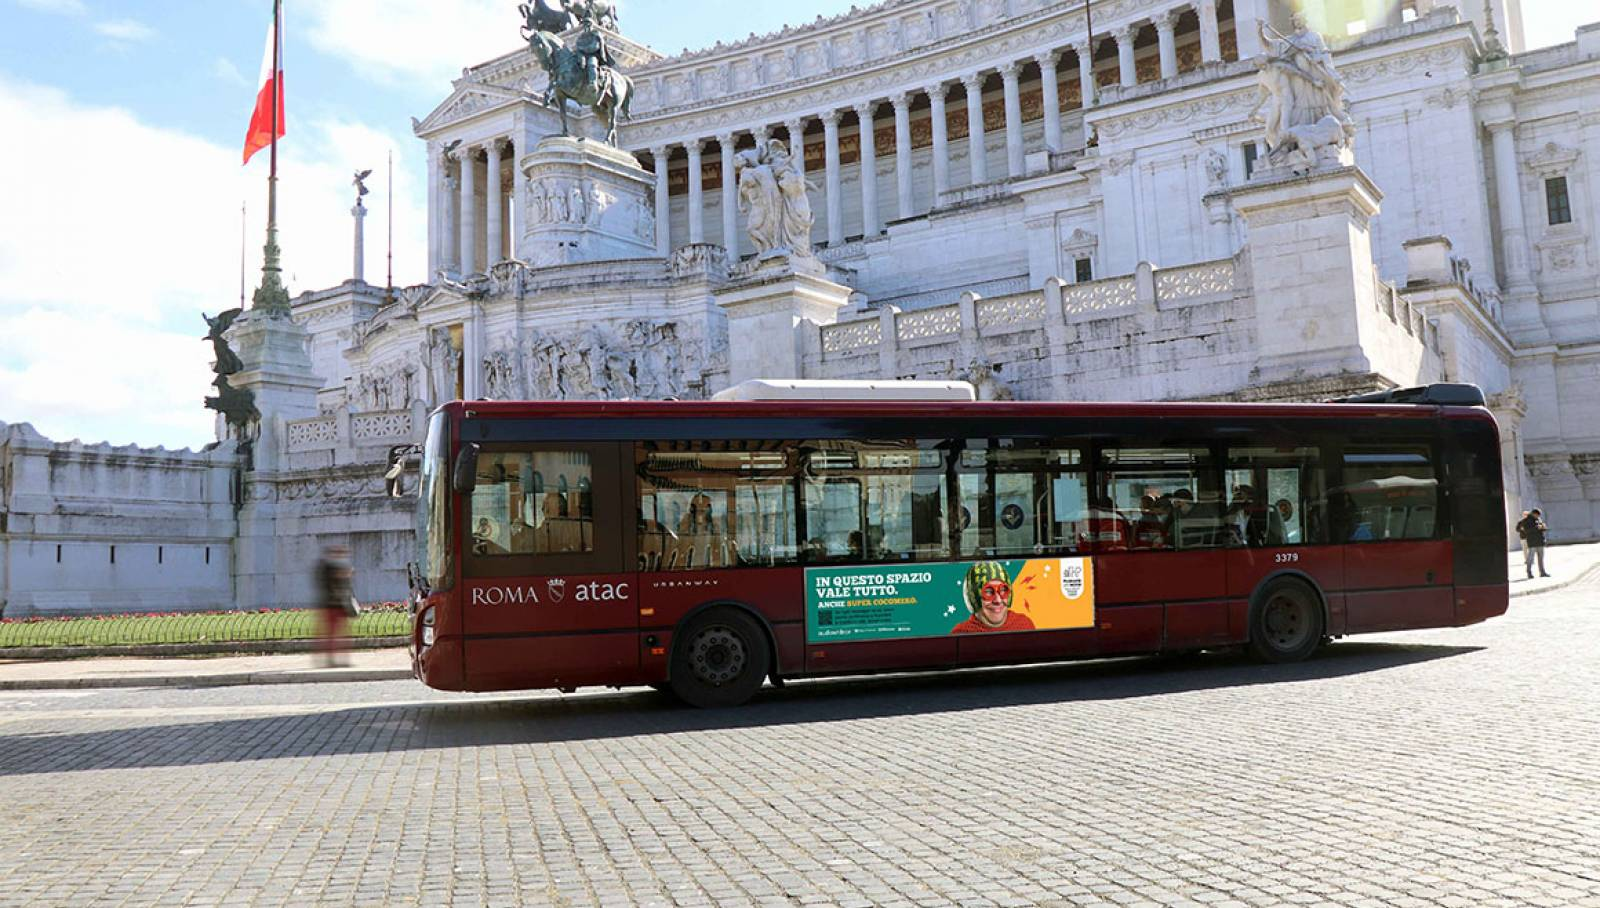 """IGPDecaux Clear Channel IPAS pubblicità per la città campagna """"In questo spazio vale tutto"""" Side Banner a Roma IGPDecaux"""